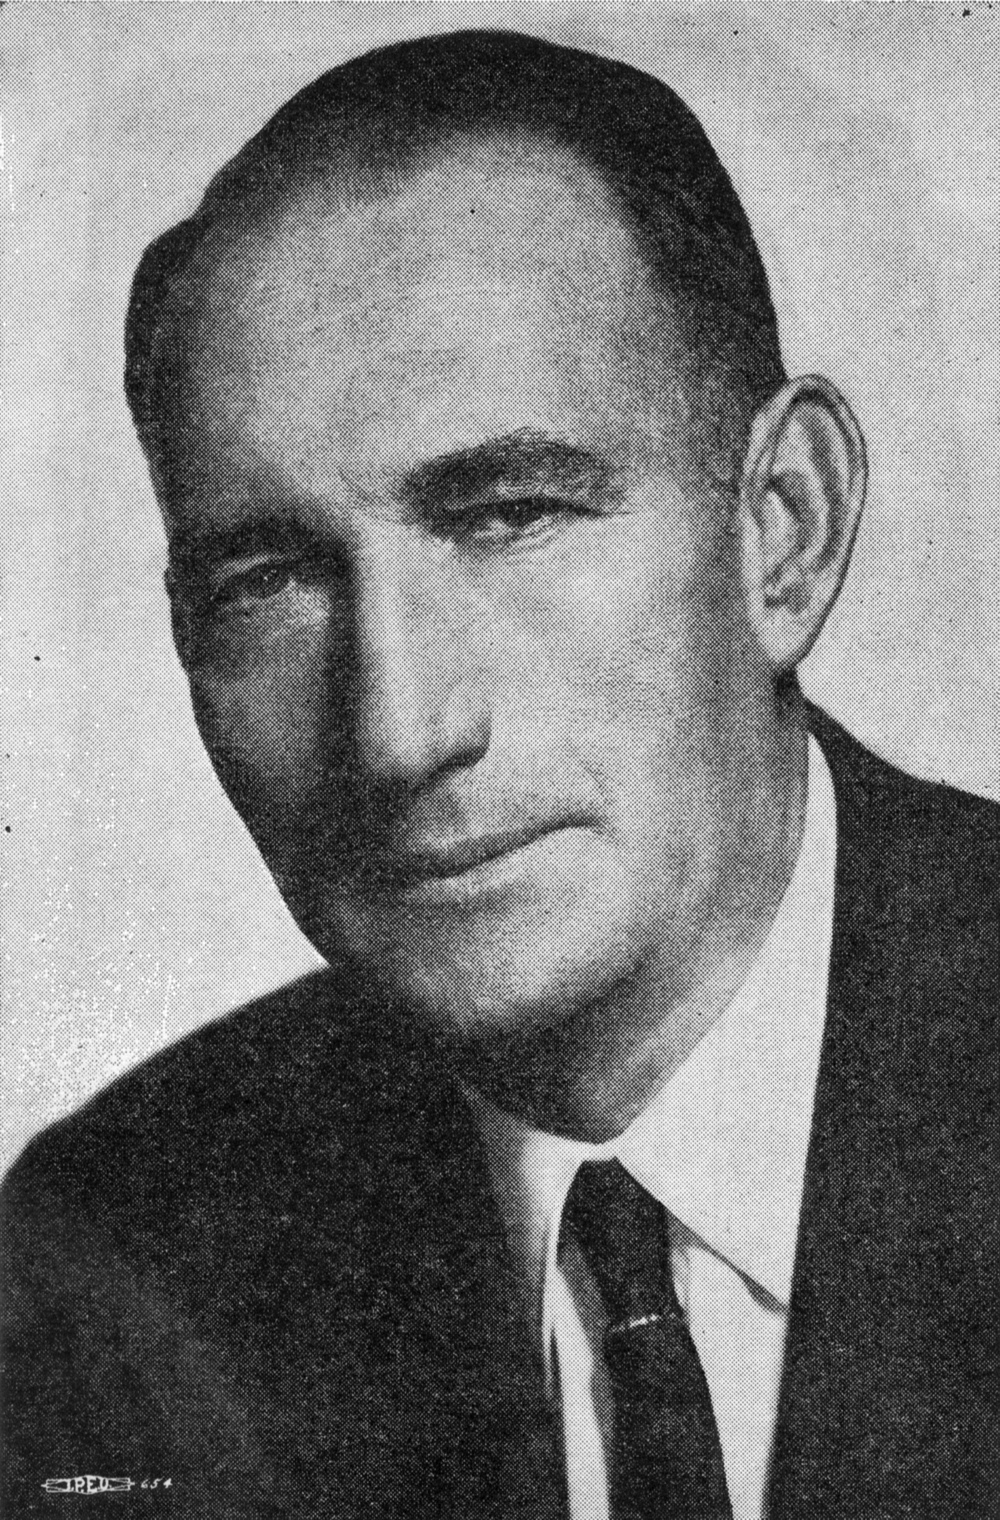 Bill Bonelli